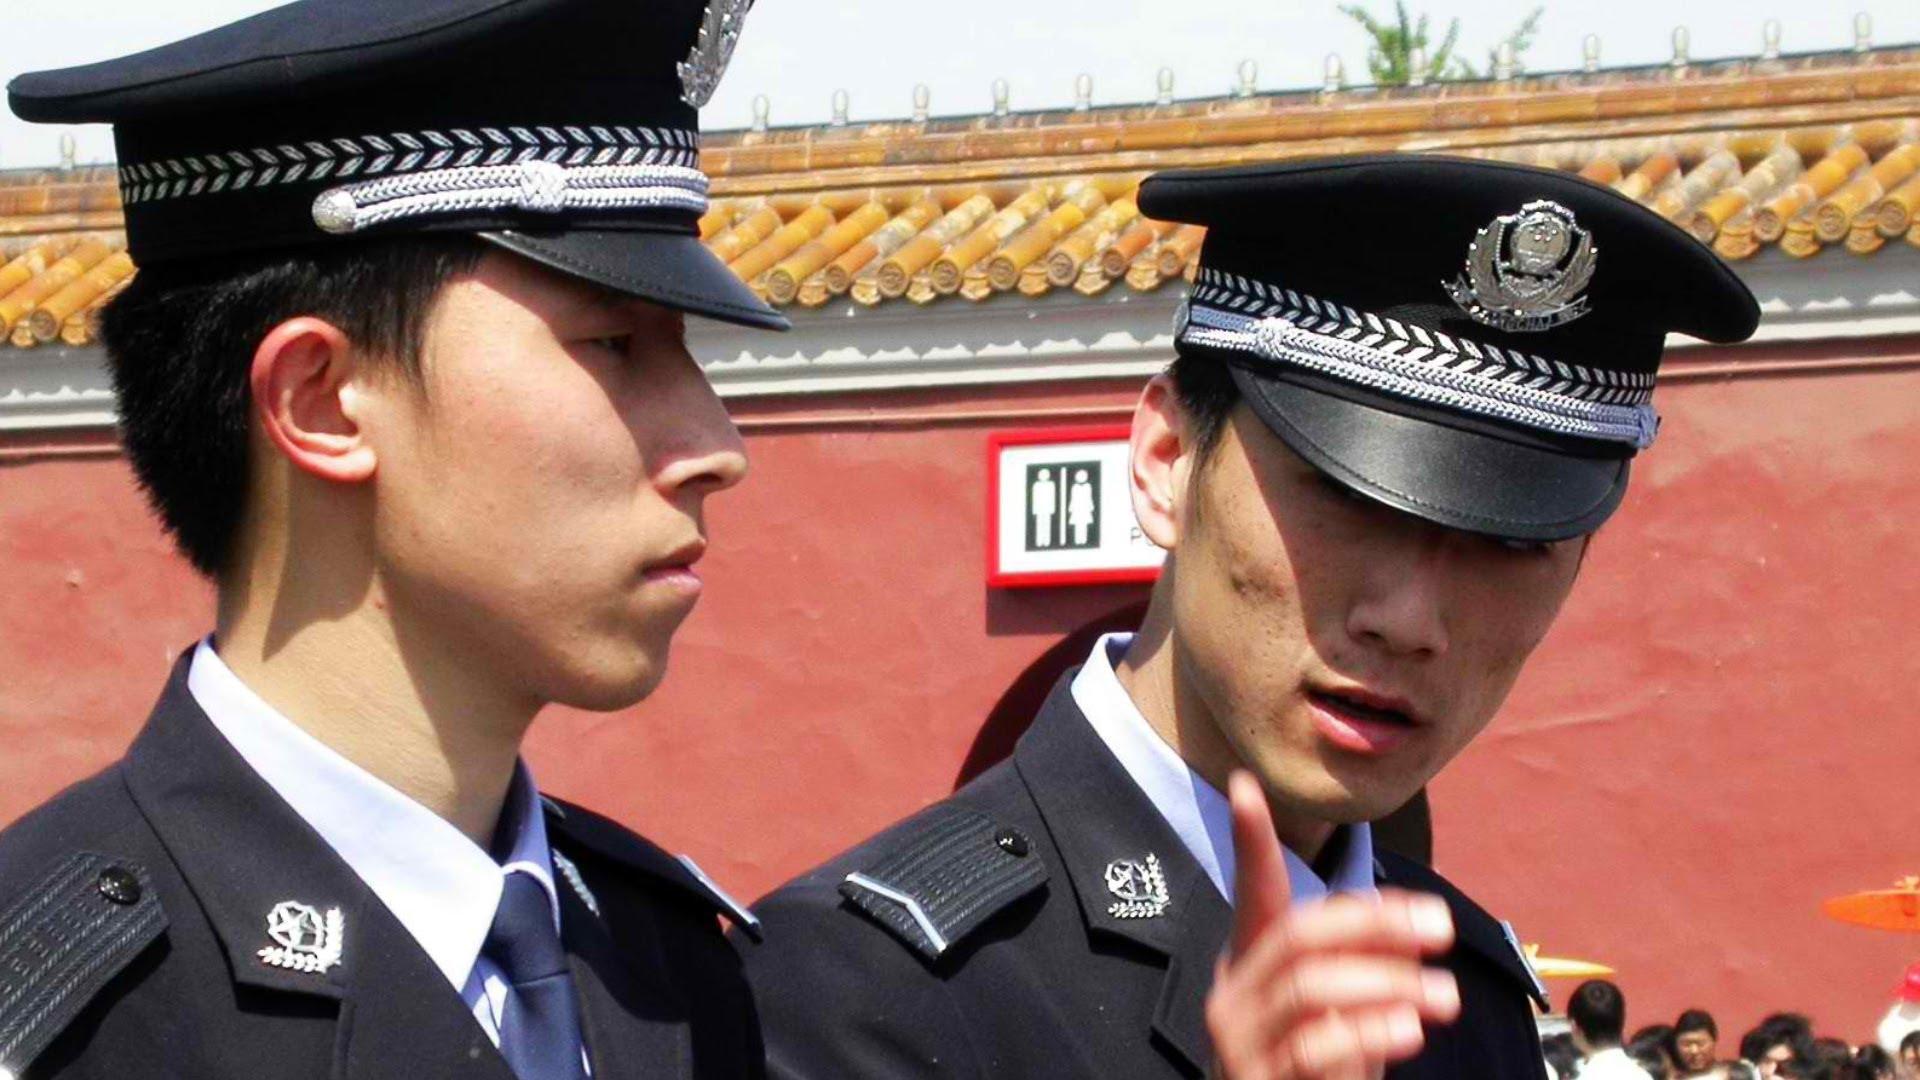 Cea mai mare biserică de casă din Beijing  - hărțuită de către autorităţile comuniste